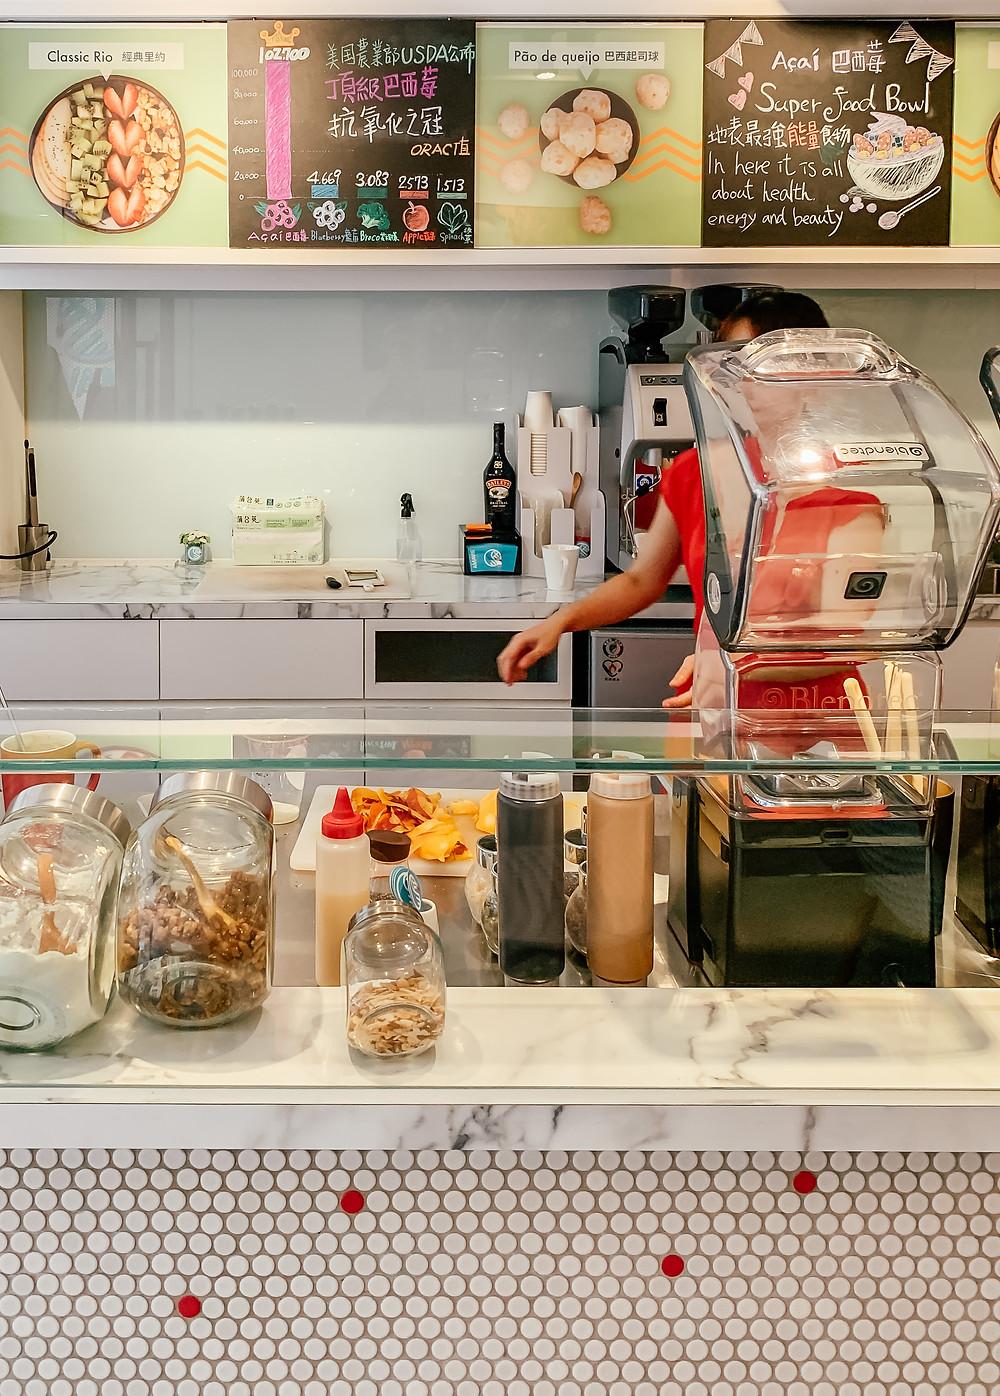 AMAVIE 巴西苺 | Taipei Acai Cafe | A Style Alike